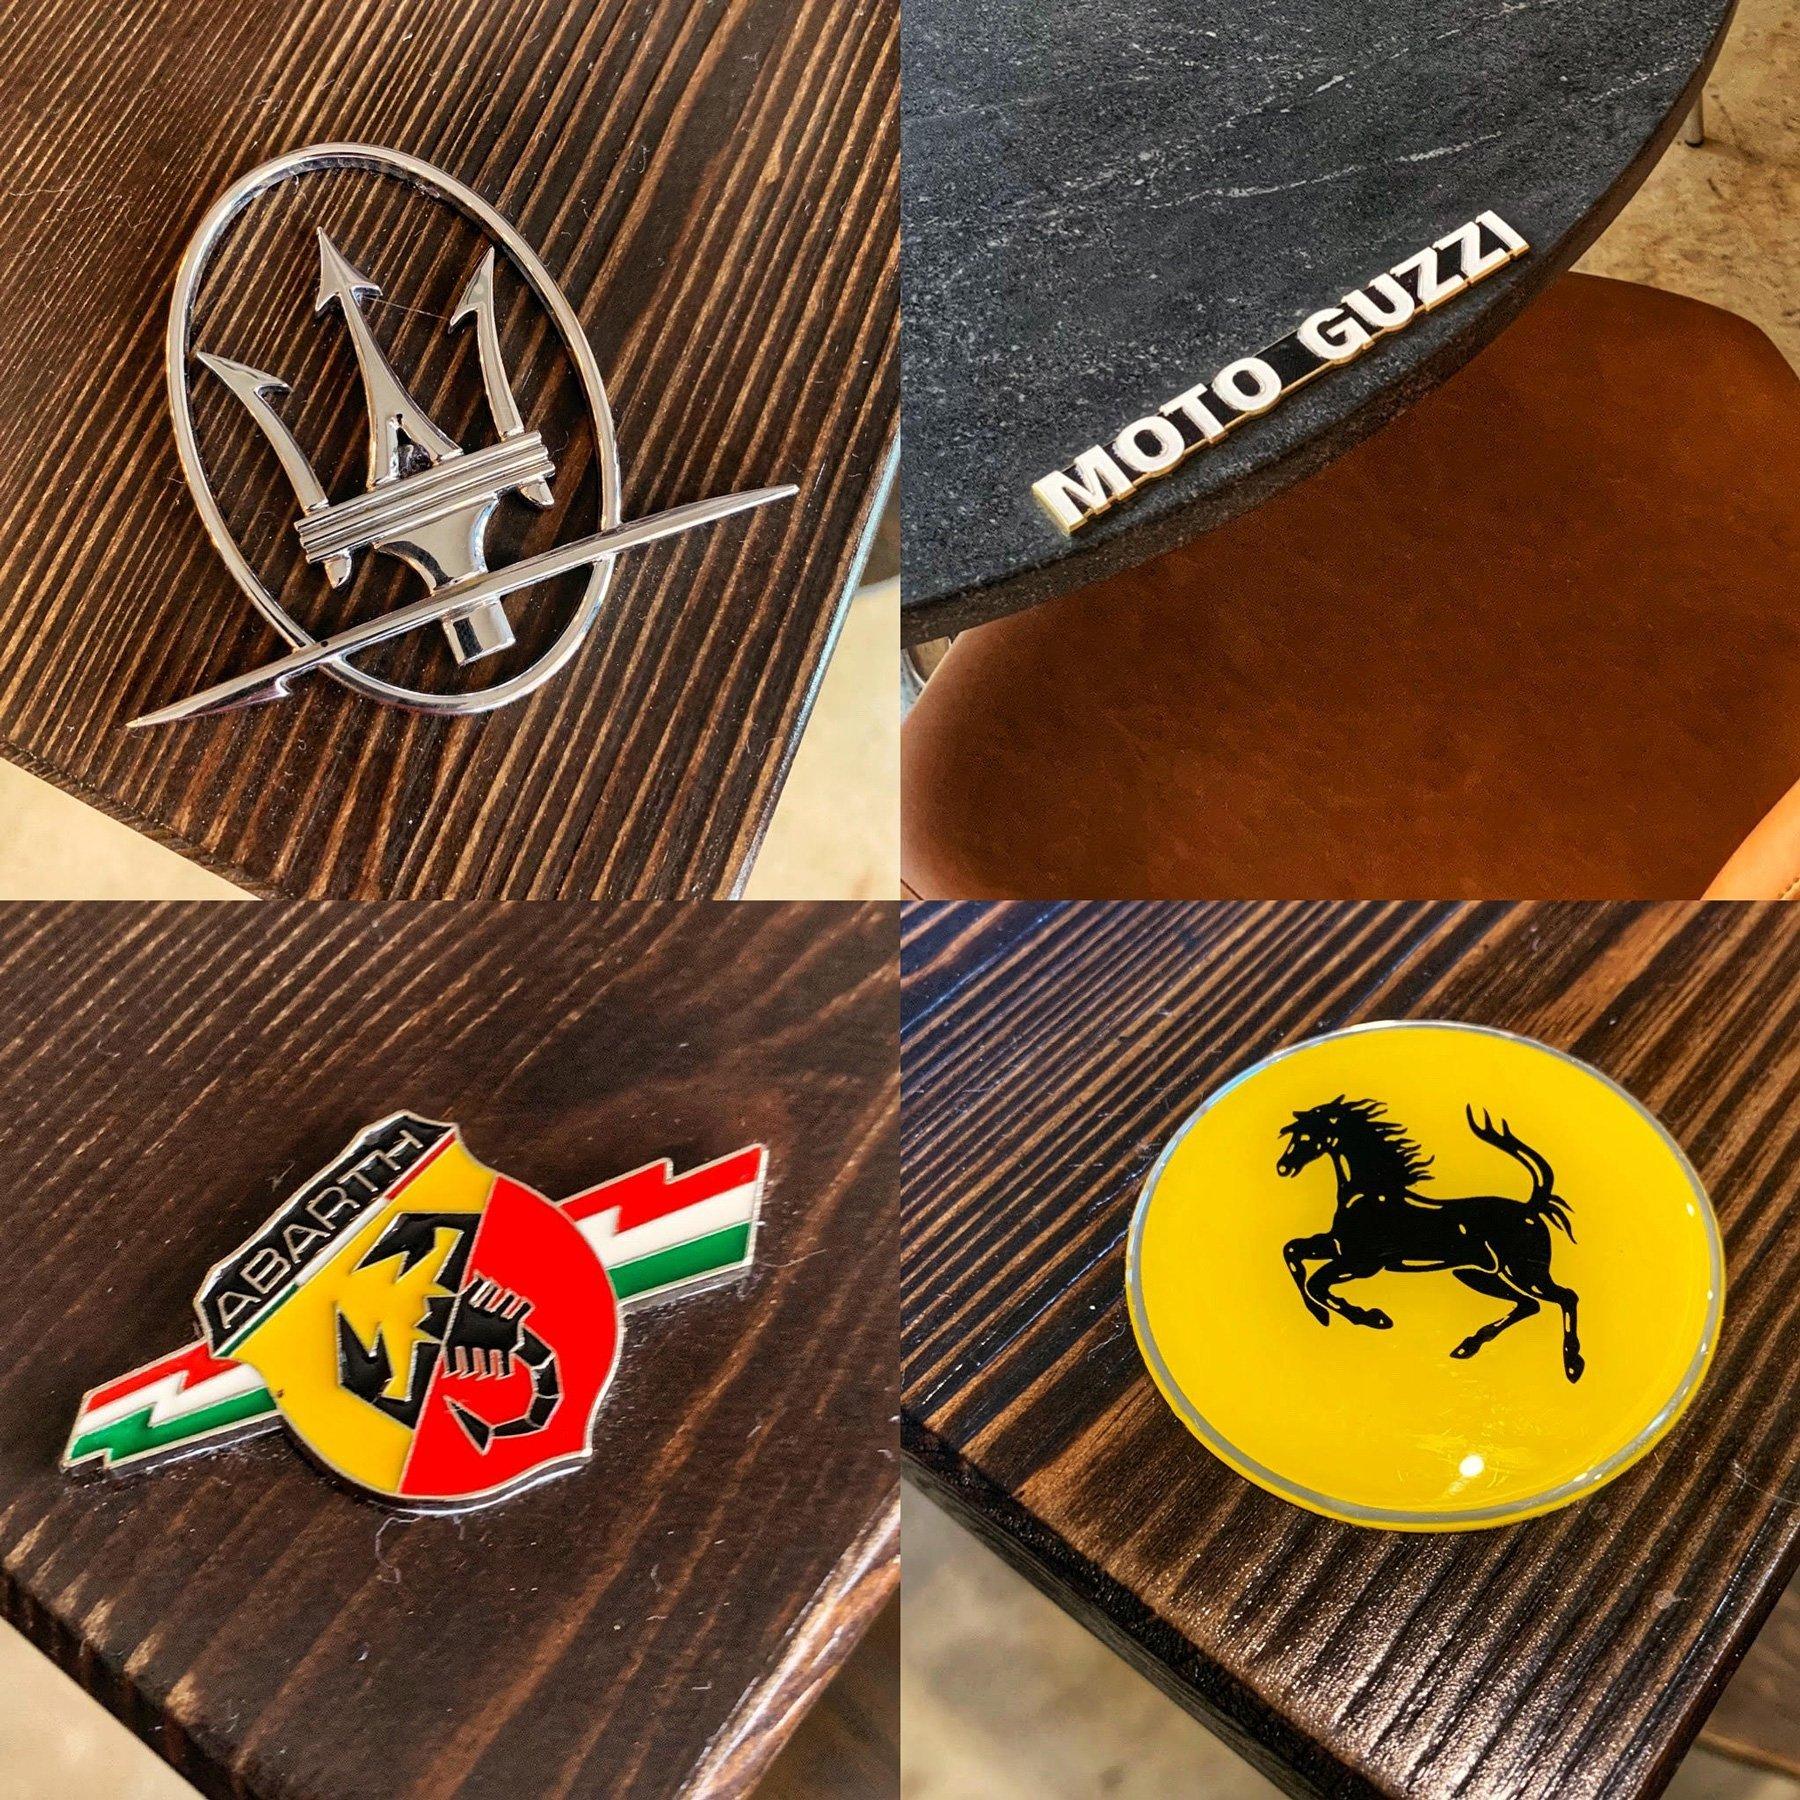 Italian Racing Car Emblems On The Restaurant Tables